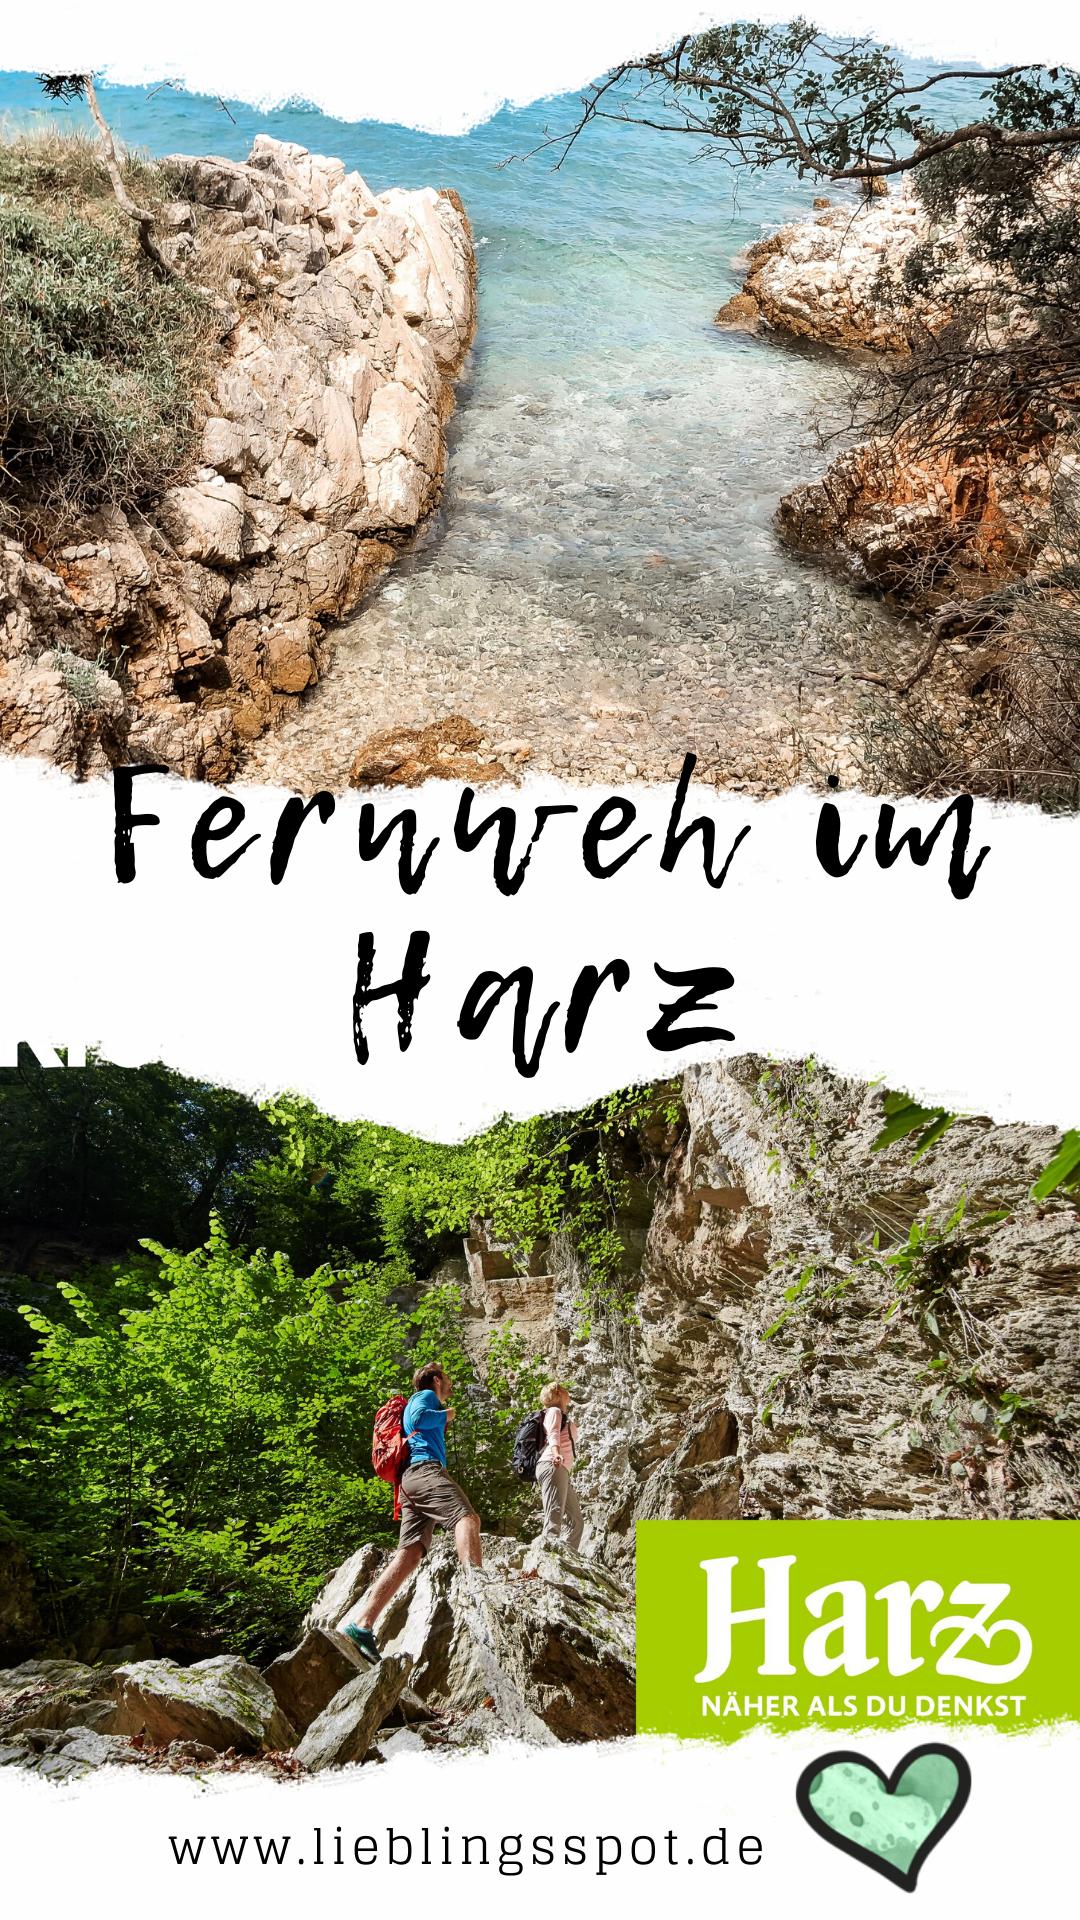 Fernweh stillen im Harz in Deutschland!